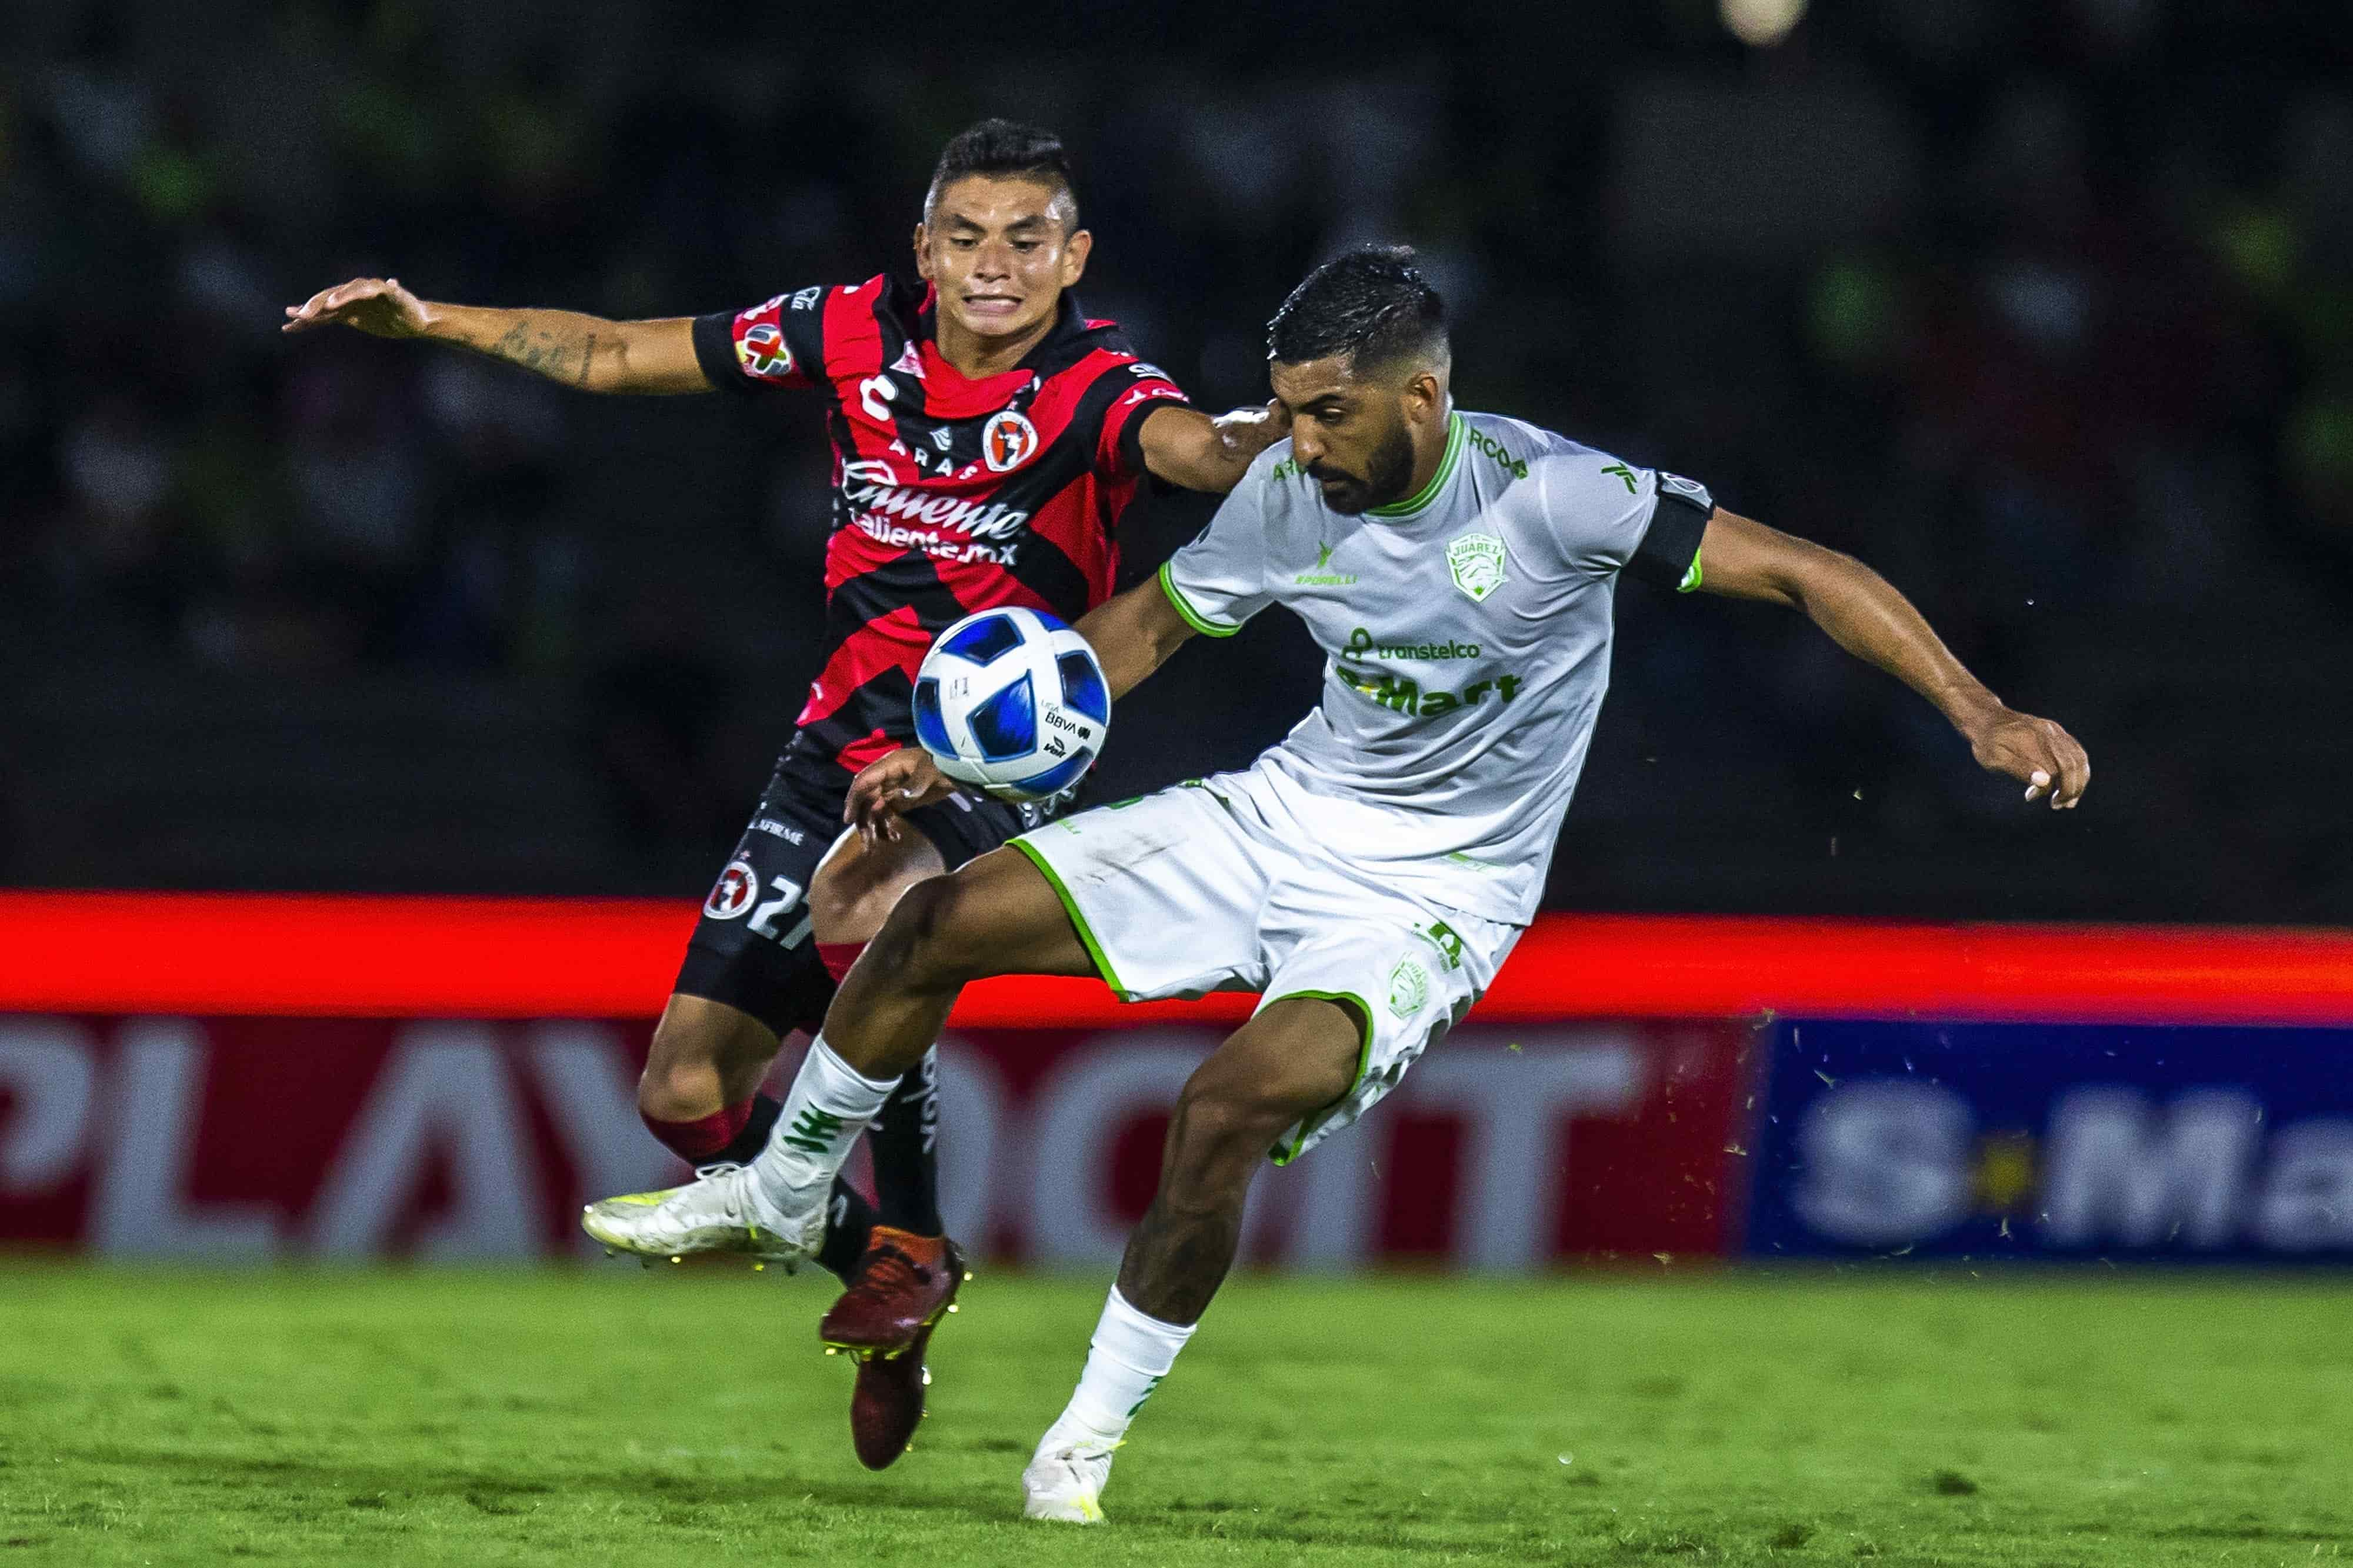 Bravo empate entre Xolos y Juárez .